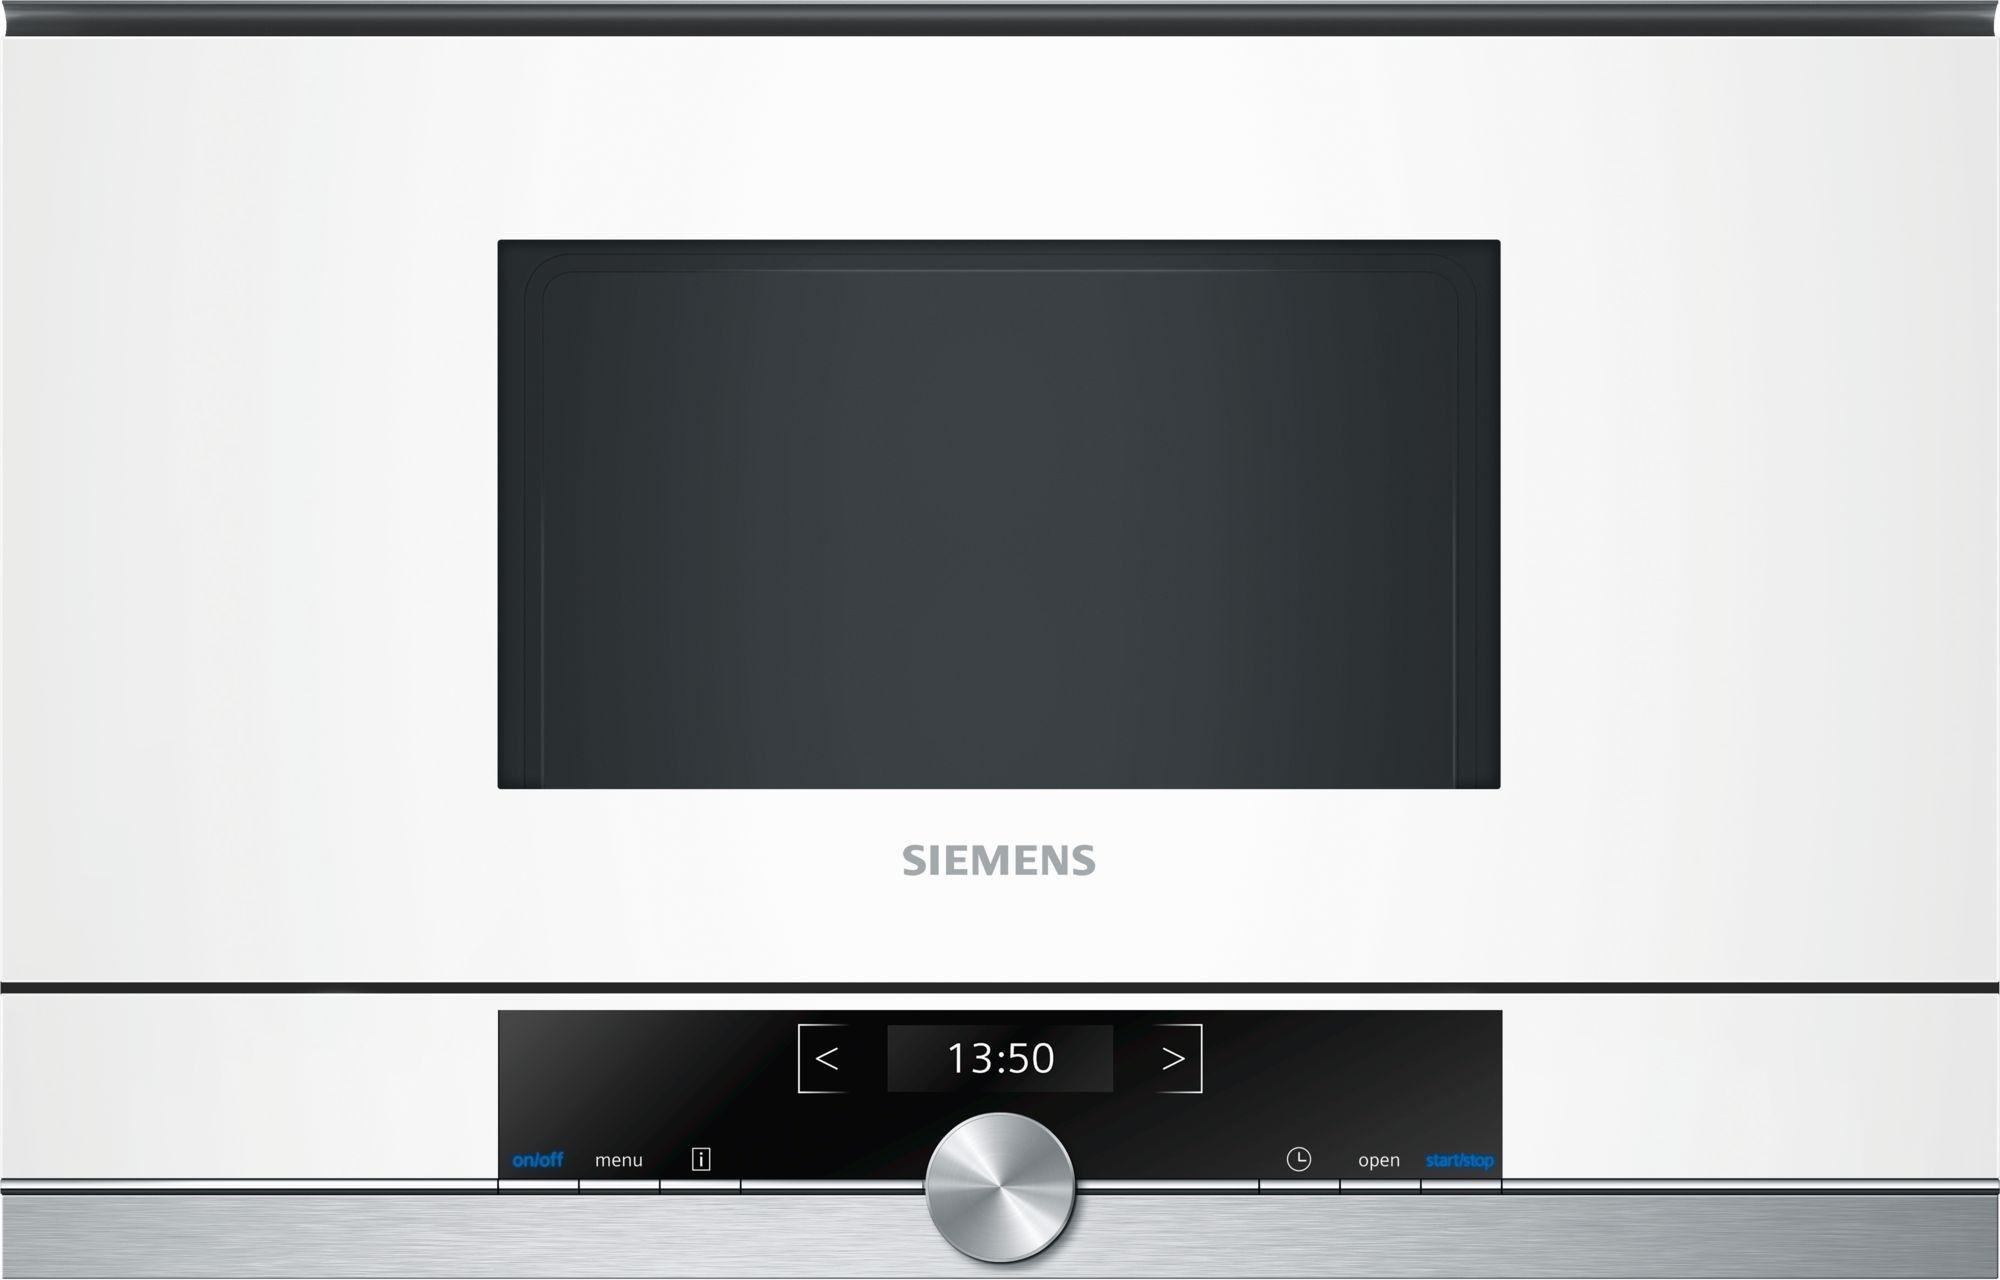 Mikrofala Siemens BF634LGW1 sLine, I tel. (22) 266 82 20 I Raty 0 % I kto pyta płaci mniej I Płatności online !